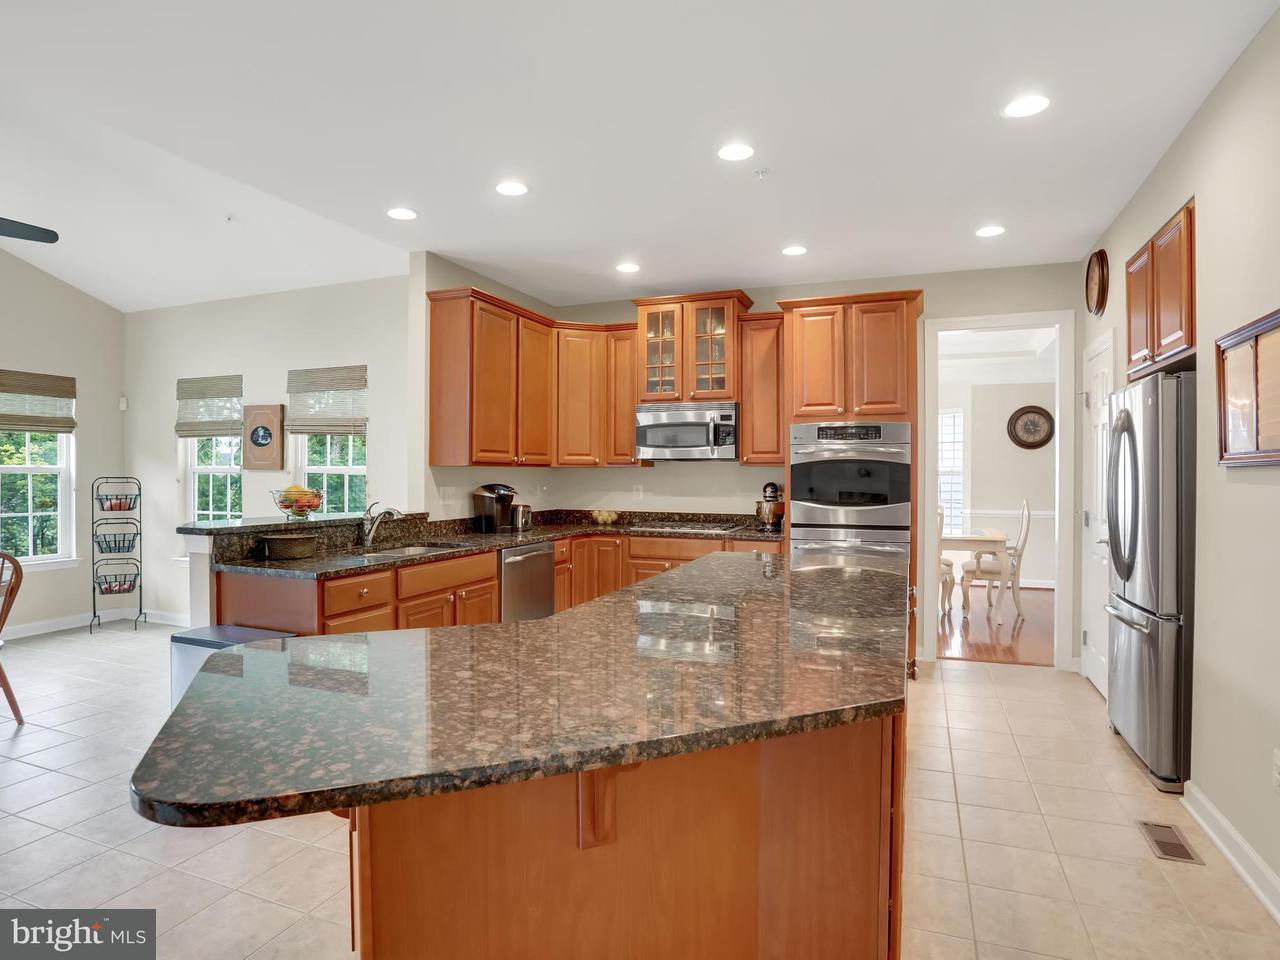 Casa Unifamiliar por un Venta en 1202 MOORE SPRING Court 1202 MOORE SPRING Court Brunswick, Maryland 21716 Estados Unidos